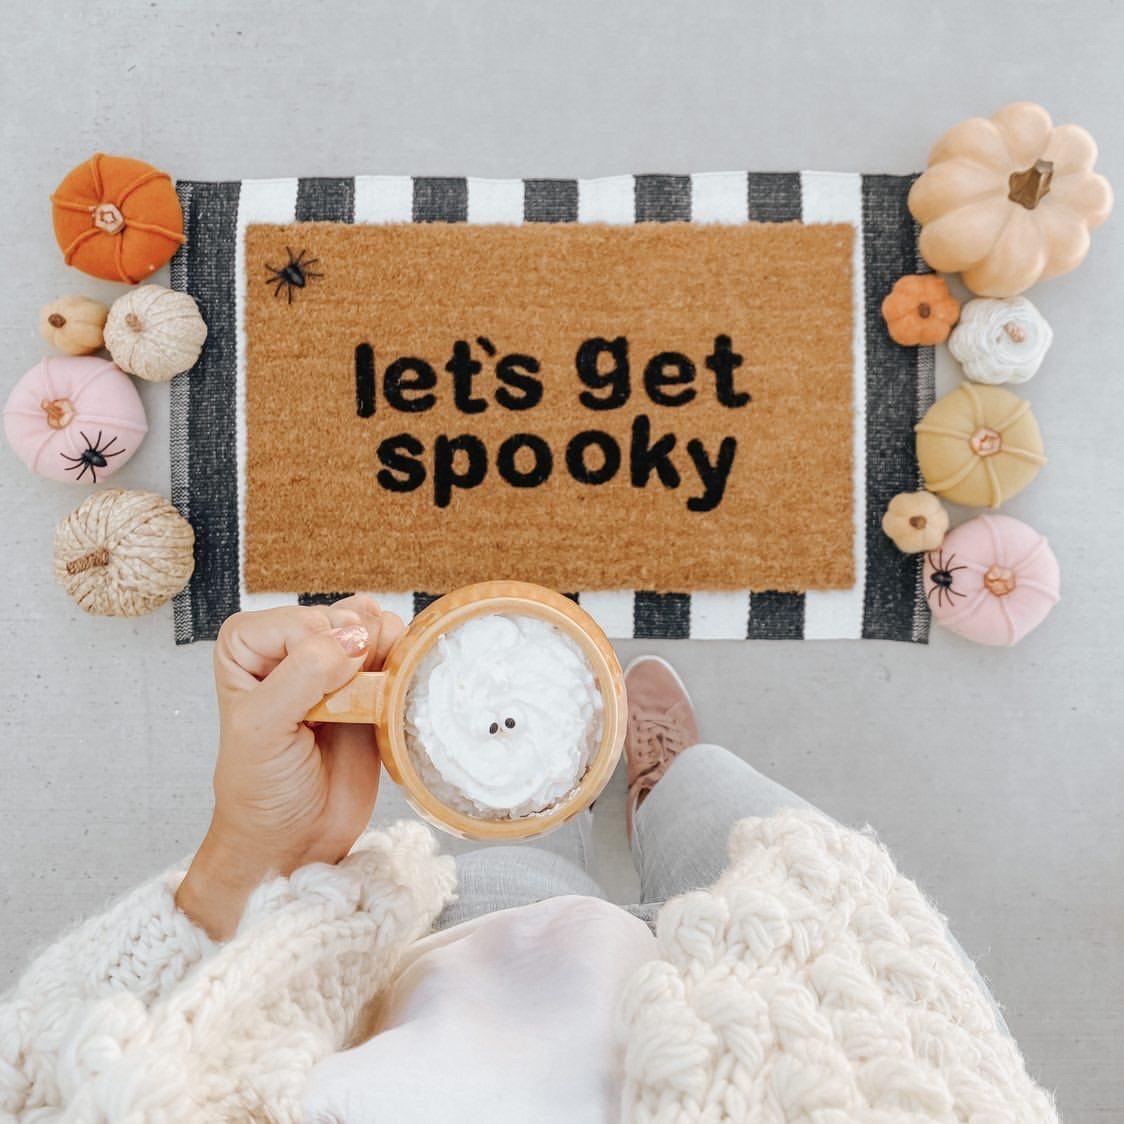 let's get spooky halloween doormat DIY project